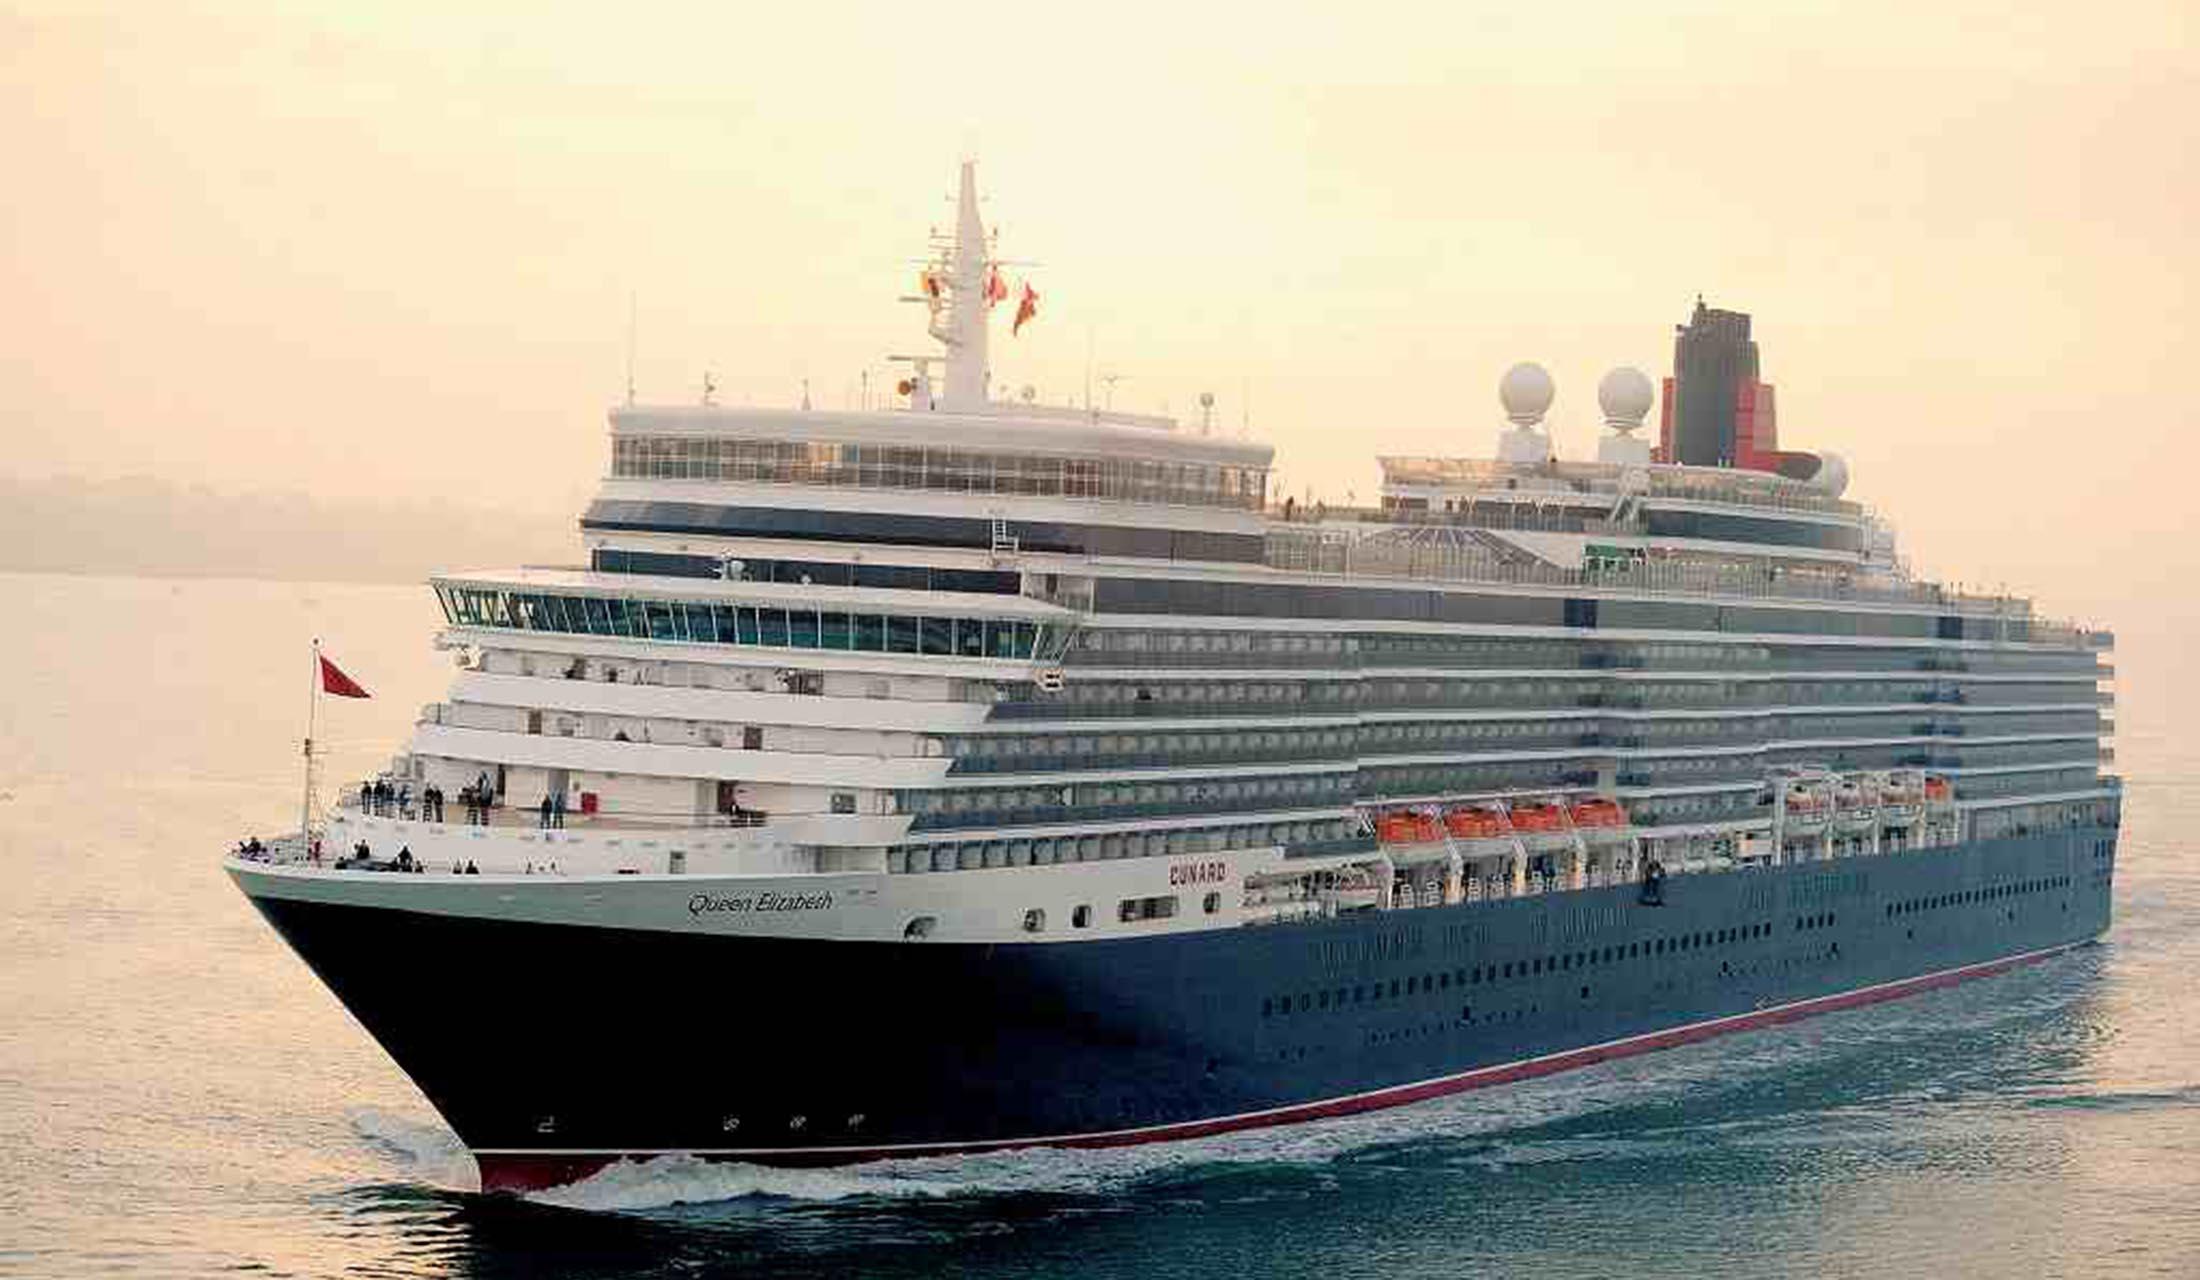 濃紺の船体と赤いファンネル(煙突)がシンボルの 「クイーン・エリザベス」